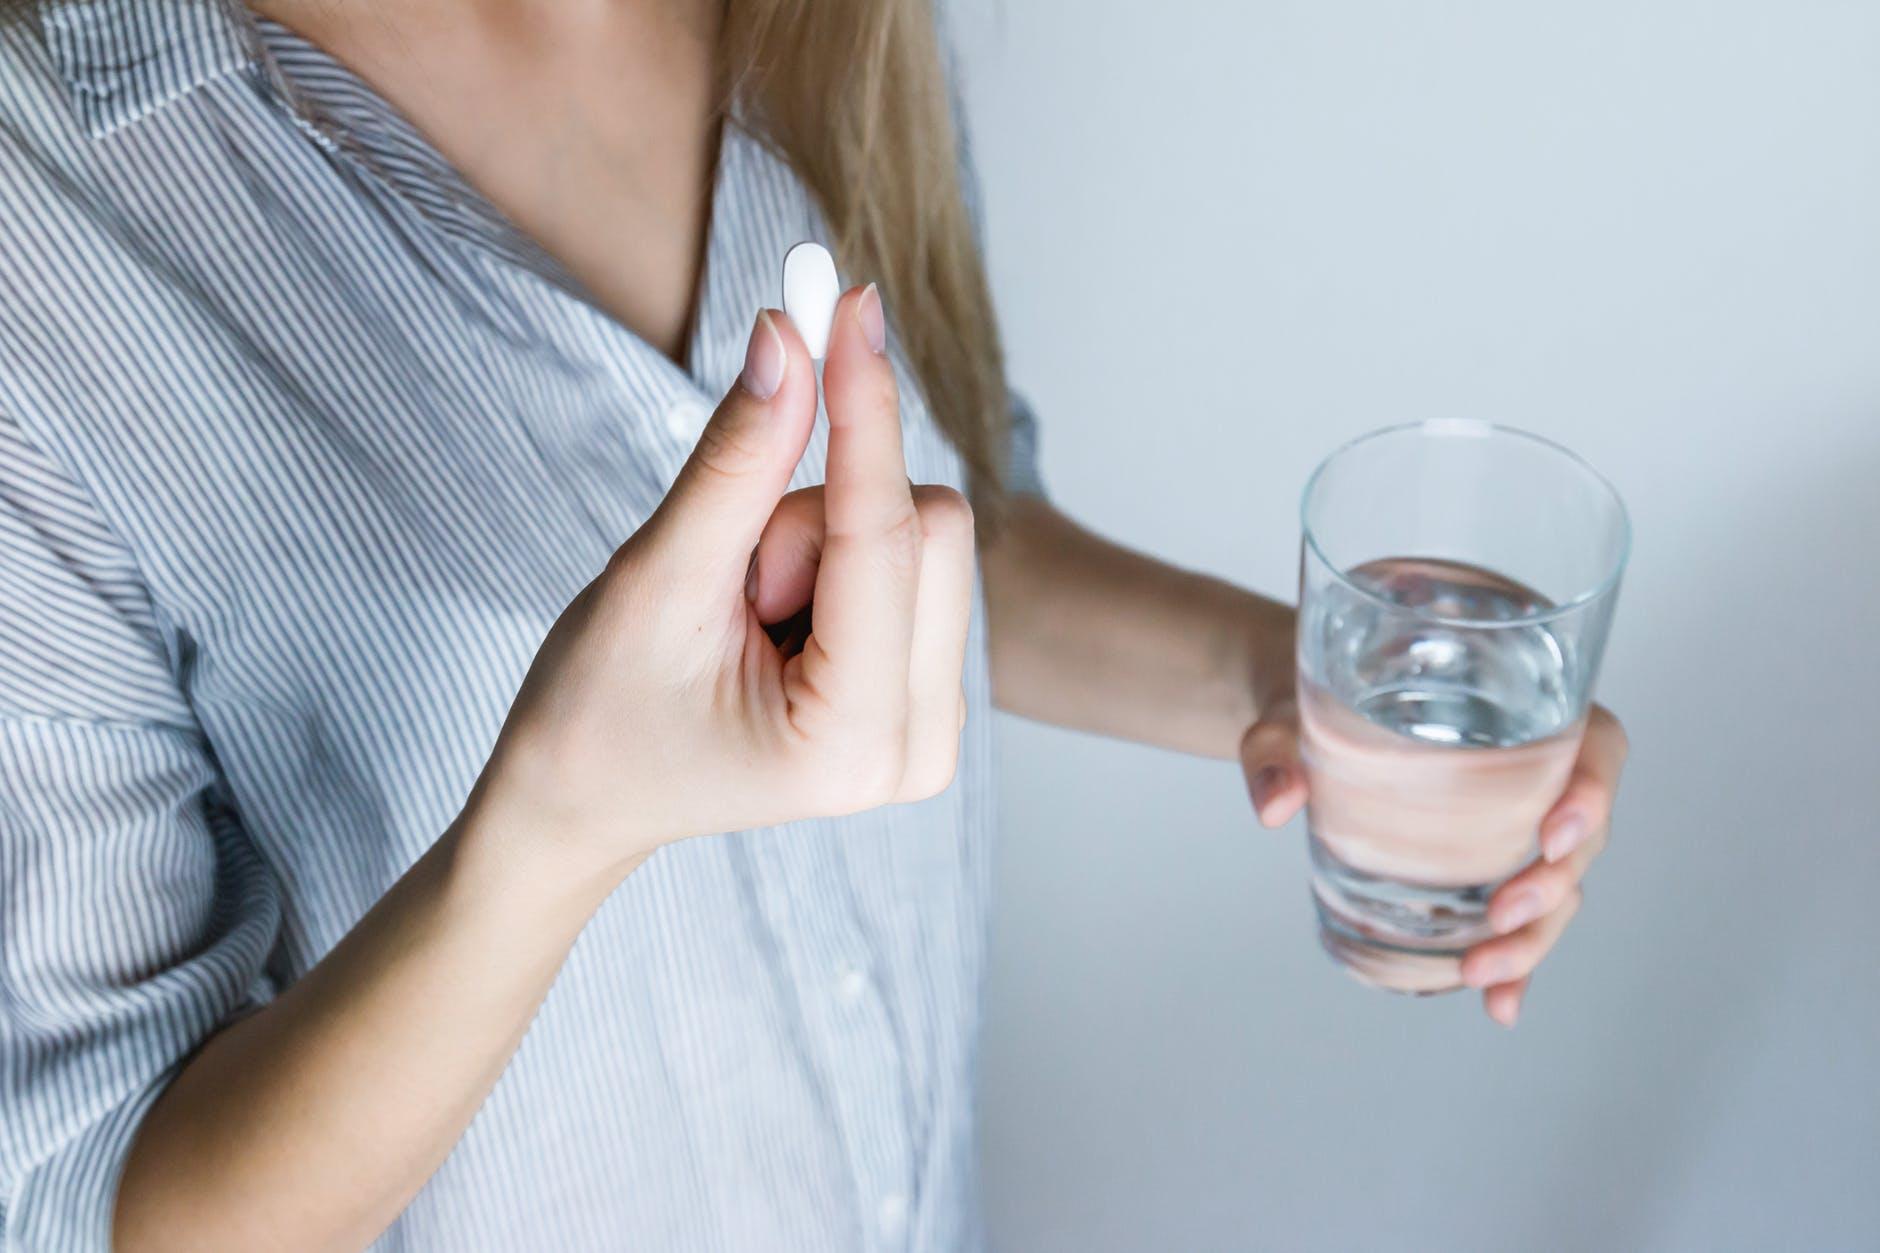 lehet-e hormonális fogamzásgátlót alkalmazni visszér ellen